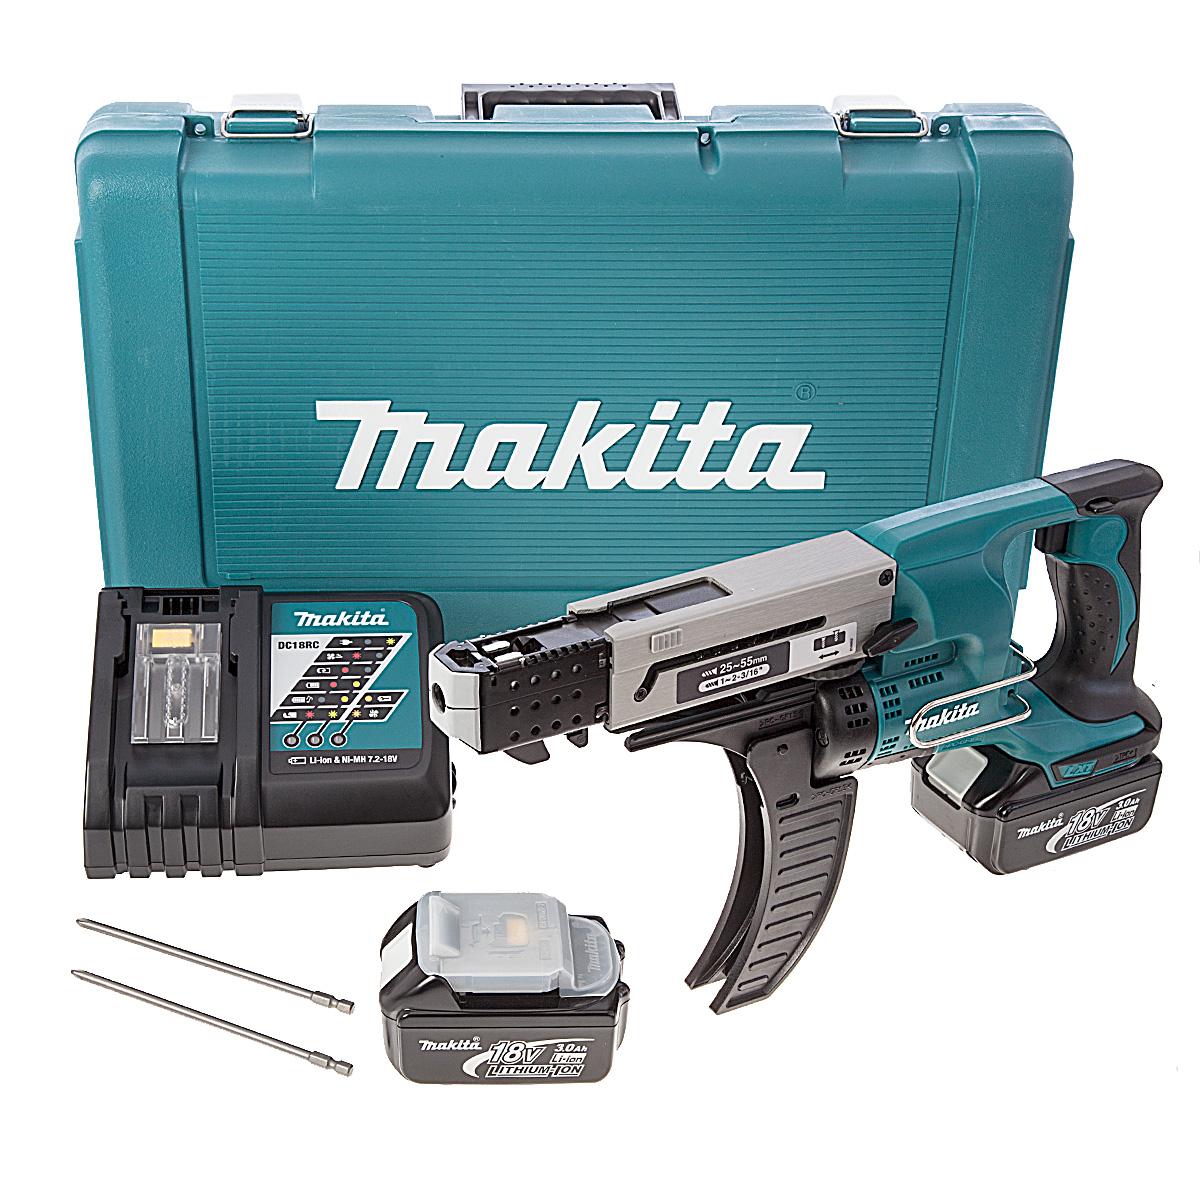 Aku šroubovák se zásobníkem Makita 25-55mm,Li-ion 18V/3,0Ah DFR550RFE